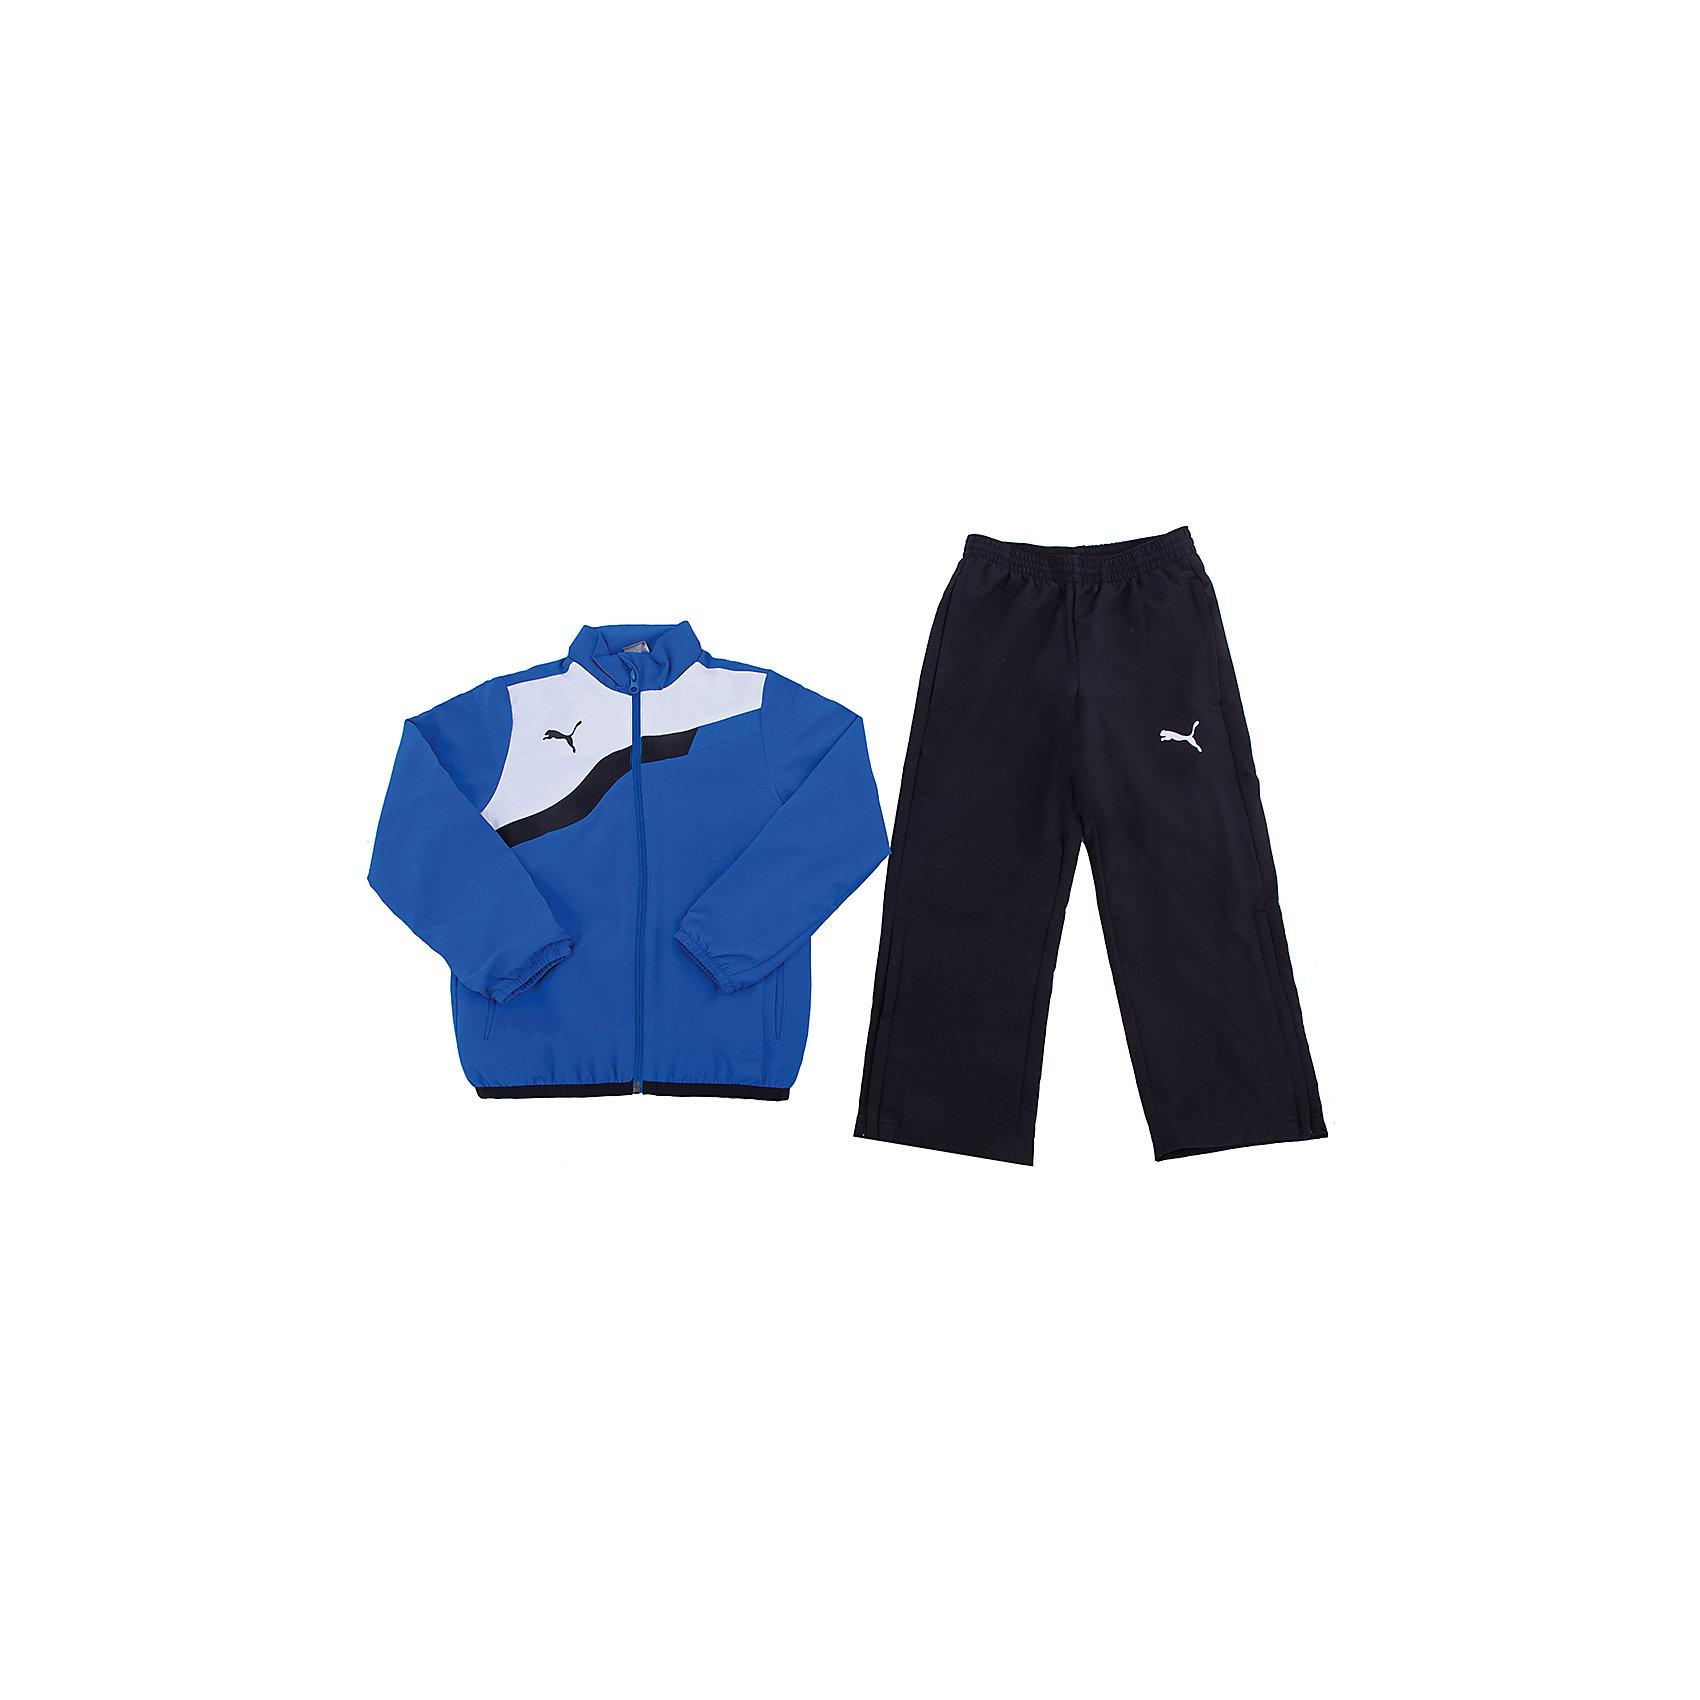 Спортивный костюм для мальчика BTS Woven Tracksuit PUMAСпортивный костюм для мальчика от известного бренда PUMA - идеальный вариант для спортивных занятий и активного отдыха. Костюм состоит из толстовки и брюк. Толстовка комбинированной расцветки имеет воротник-стойку, застегивается на молнию, декорирована фирменным логотипом. Брюки на эластичном поясе имеют карманы по бокам. <br><br>Дополнительная информация:<br><br>- Комплектация: брюки, толстовка.<br>- Крой брючин: прямой.<br>- Цвет: черный, голубой, белый.<br>- Брюки на эластичном поясе.<br>- Толстовка: манжеты на рукавах, резинка по низу.<br>- Тип кармана: втачной.<br>- Тип застежки: молния.<br>- Декоративные элементы: логотип.<br>Параметры для размера: 140<br>- Длина рукава: 50 см.<br>- Ширина брючин (низ) : 17 см.<br>- Высота посадки: 23 см.<br>- Длина по внутреннему шву: 60см.<br><br>Состав:<br>100 % полиэстер<br><br>Спортивный костюм для мальчика BTS Woven Tracksuit PUMA (Пума), можно купить в нашем магазине.<br><br>Ширина мм: 247<br>Глубина мм: 16<br>Высота мм: 140<br>Вес г: 225<br>Цвет: синий<br>Возраст от месяцев: 132<br>Возраст до месяцев: 144<br>Пол: Мужской<br>Возраст: Детский<br>Размер: 152,176,116,164,140,128<br>SKU: 4223308